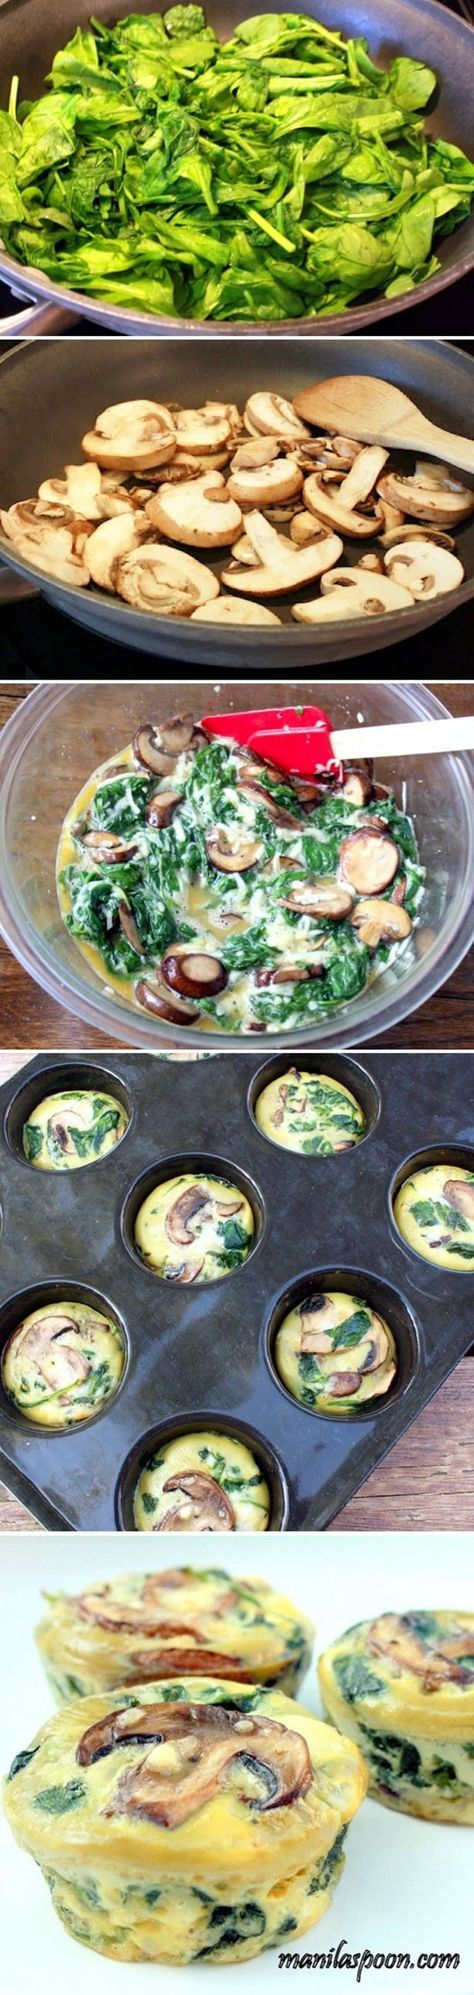 Ingenioso quiche de espinacas y champiñones en forma de muffin | Muy Ingenioso